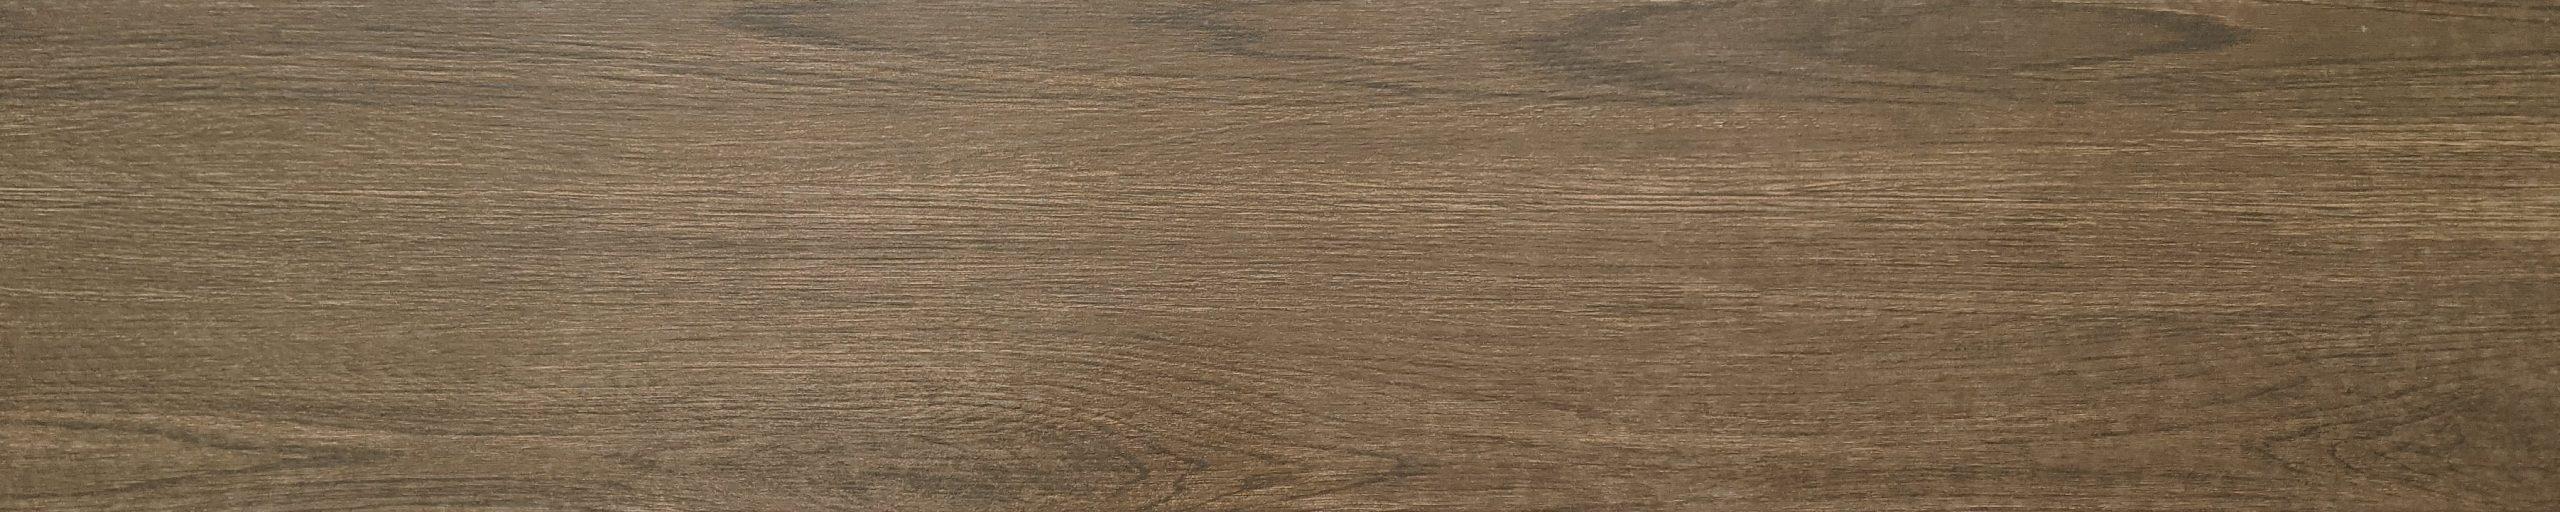 Map gạch gỗ nâu W99007 (1)